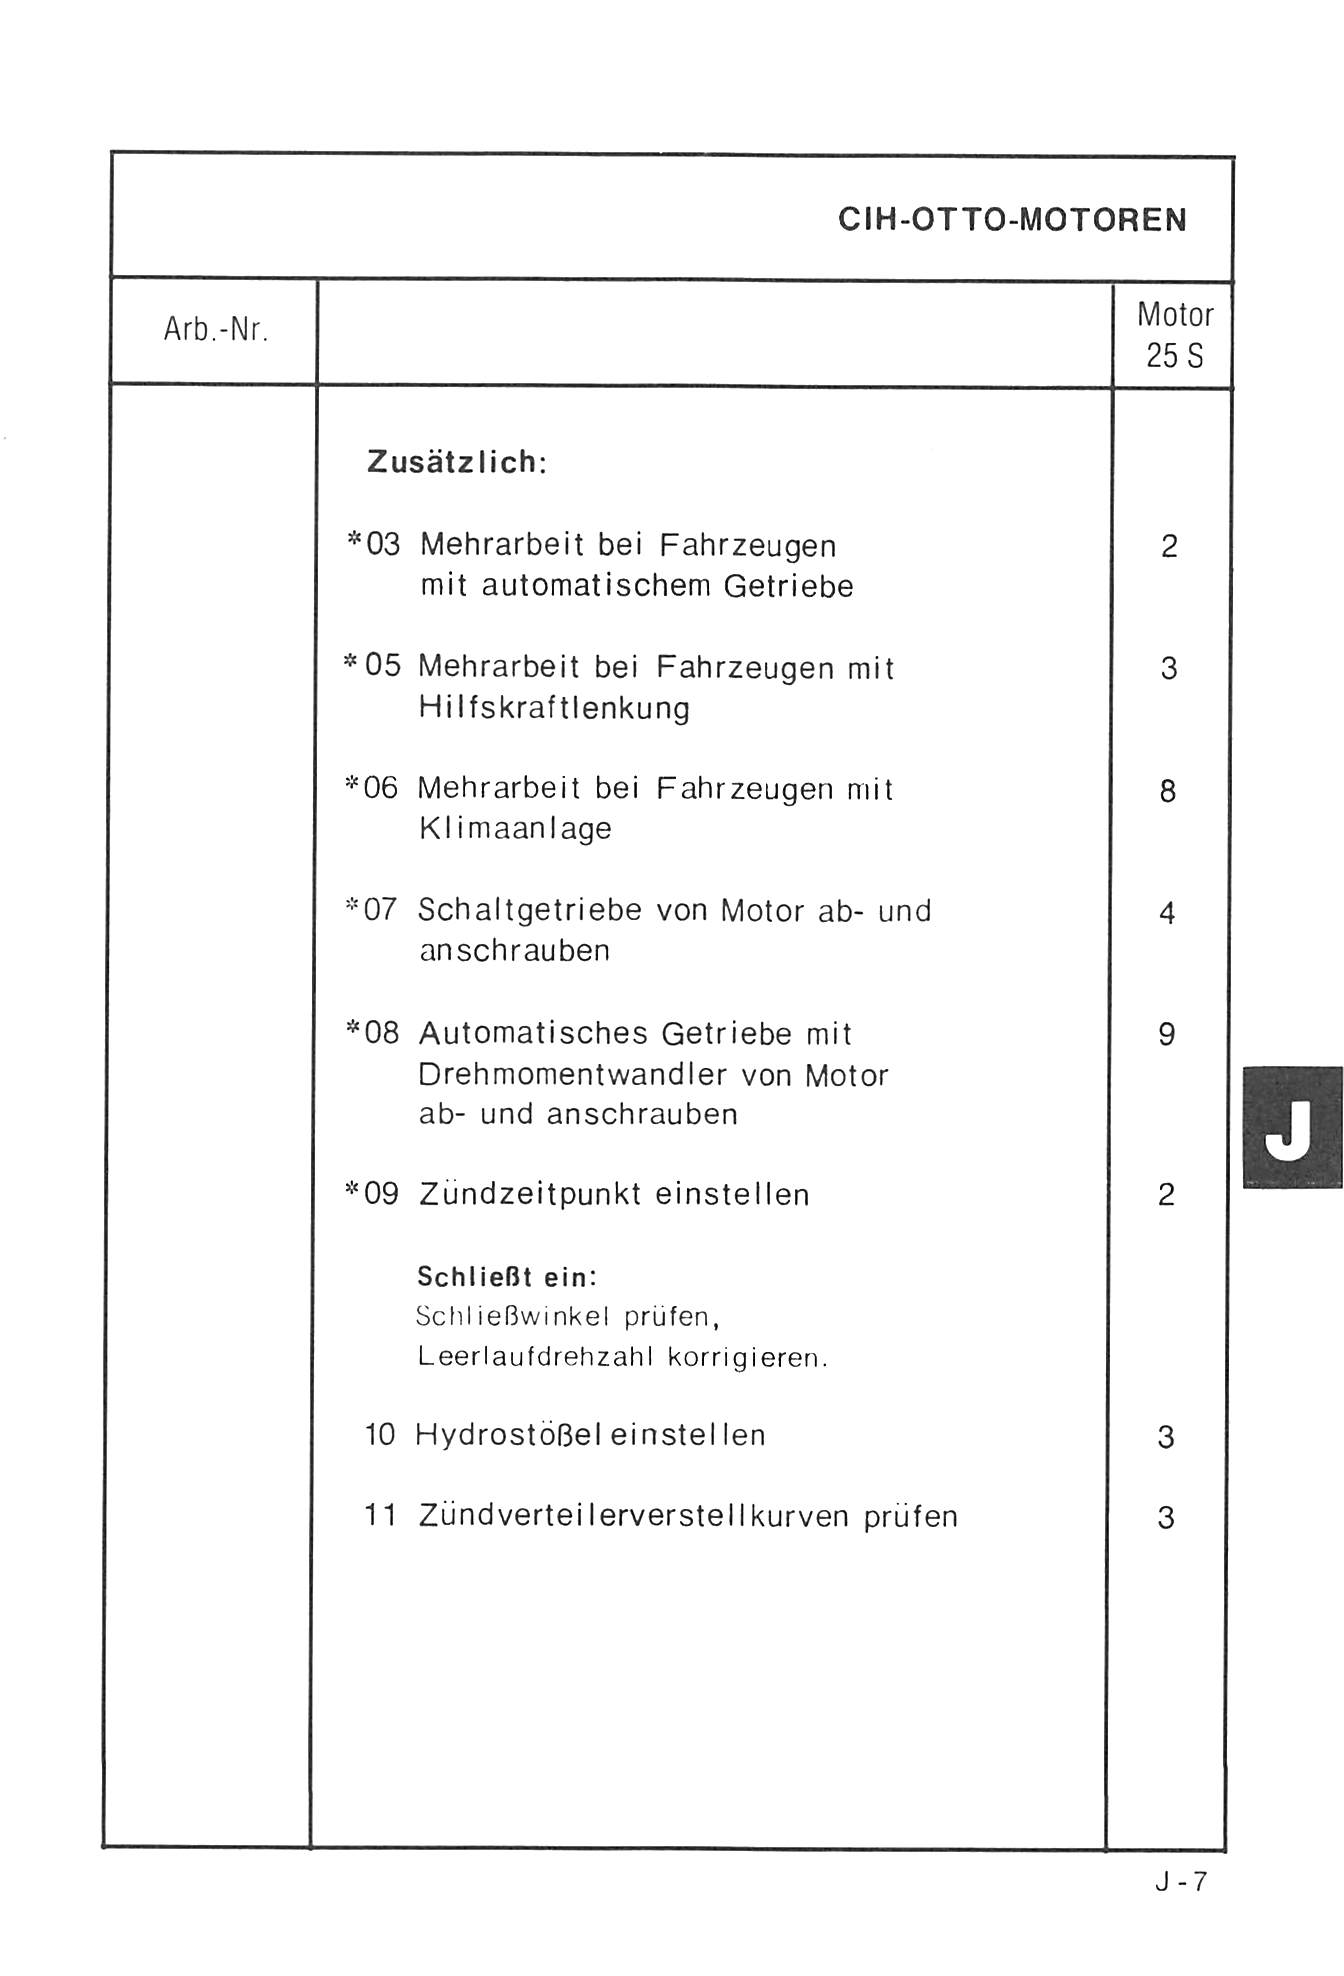 Atemberaubend Schaltplan Für Automatische Messung Fotos ...